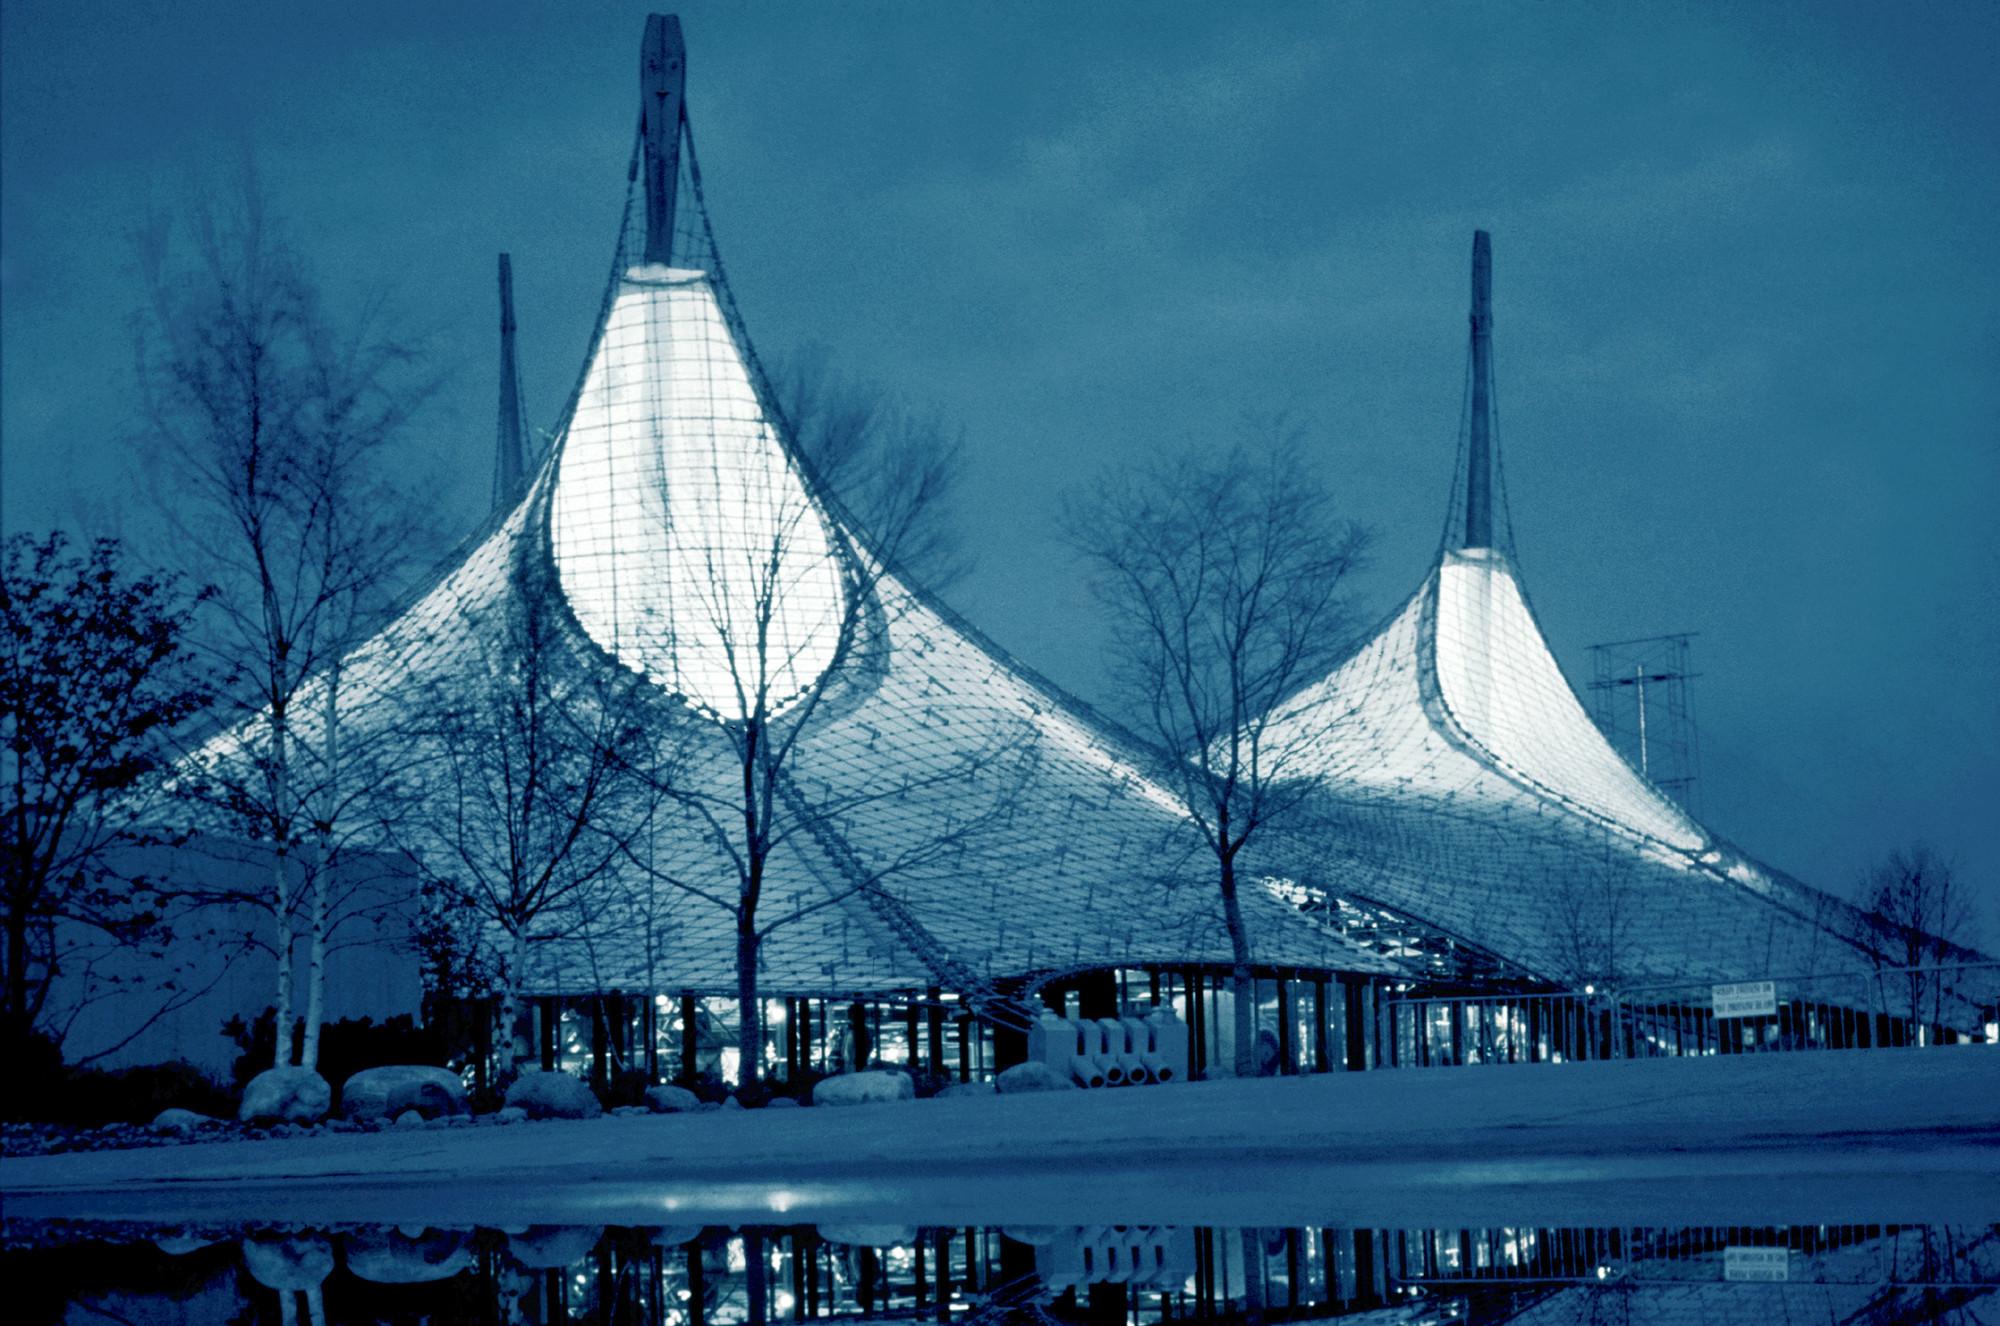 Безоговорочное международное признание пришло к архитектору за его павильон, представленный на Всемирной выставке 1967 года в Монреале. В 2017-м этой работе исполняется 50 лет